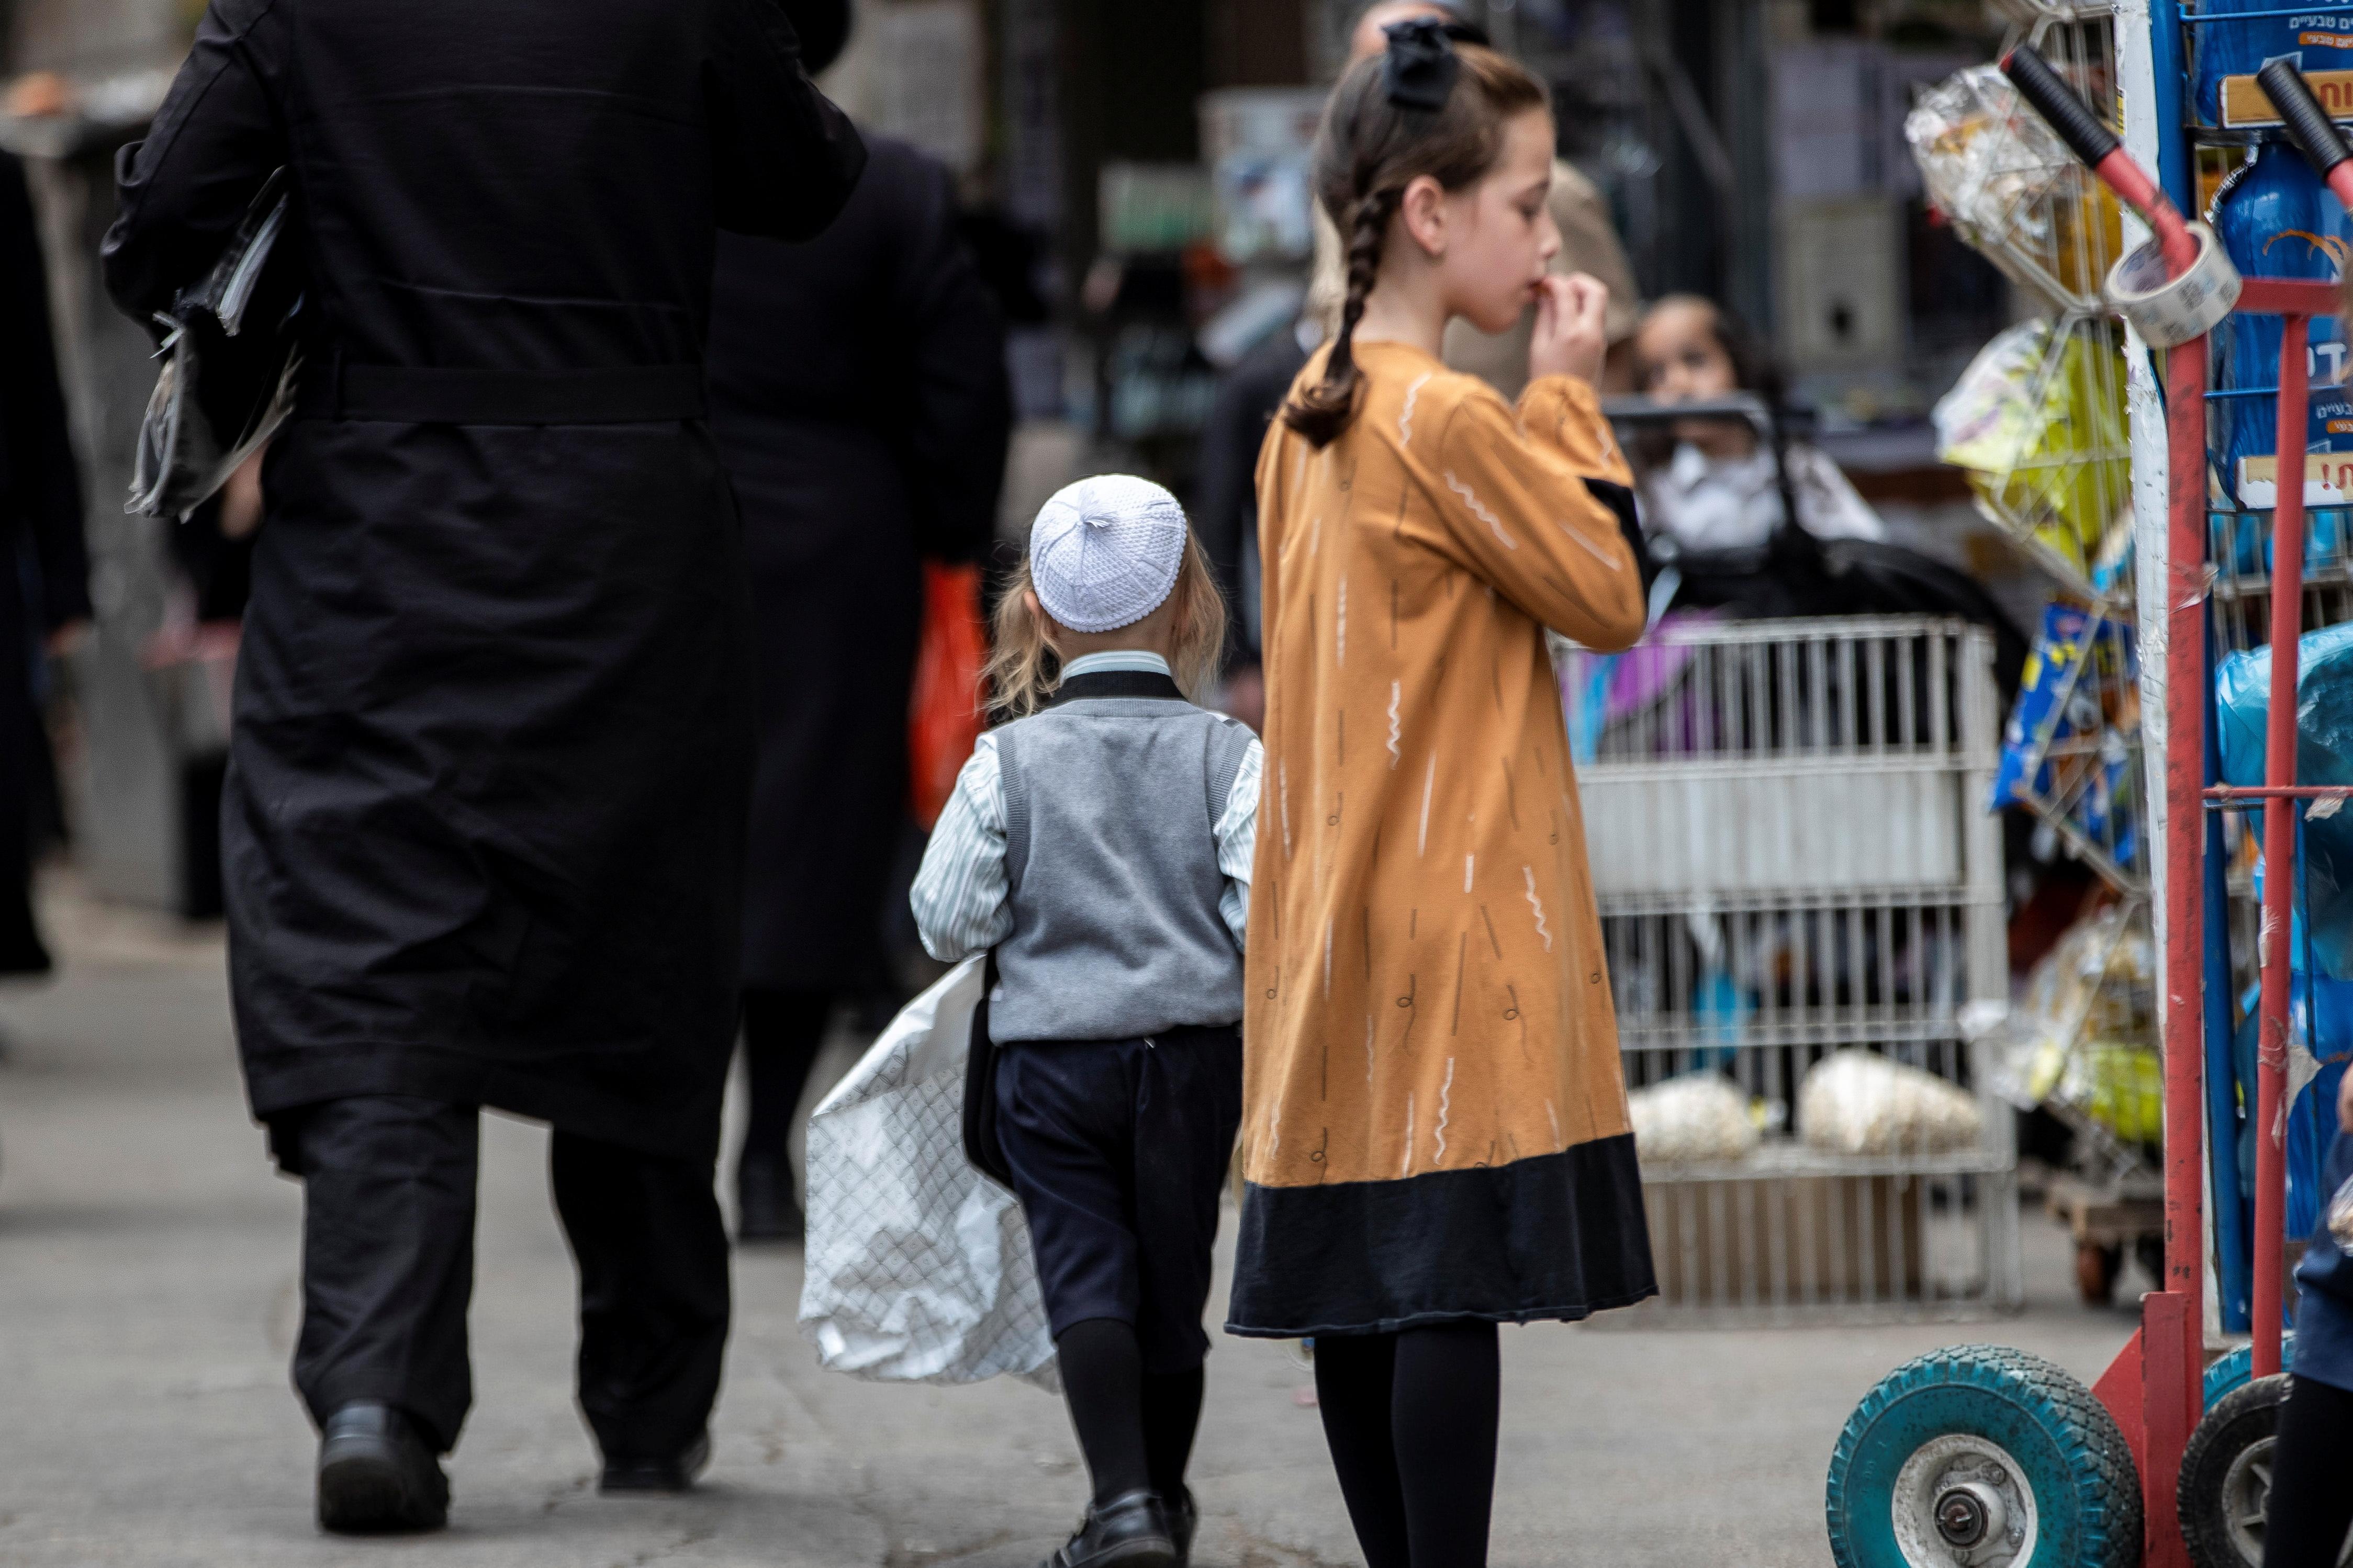 Ultra Orthodox Jews walk in a street in Jerusalem July 25, 2021.    REUTERS/ Ronen Zvulun